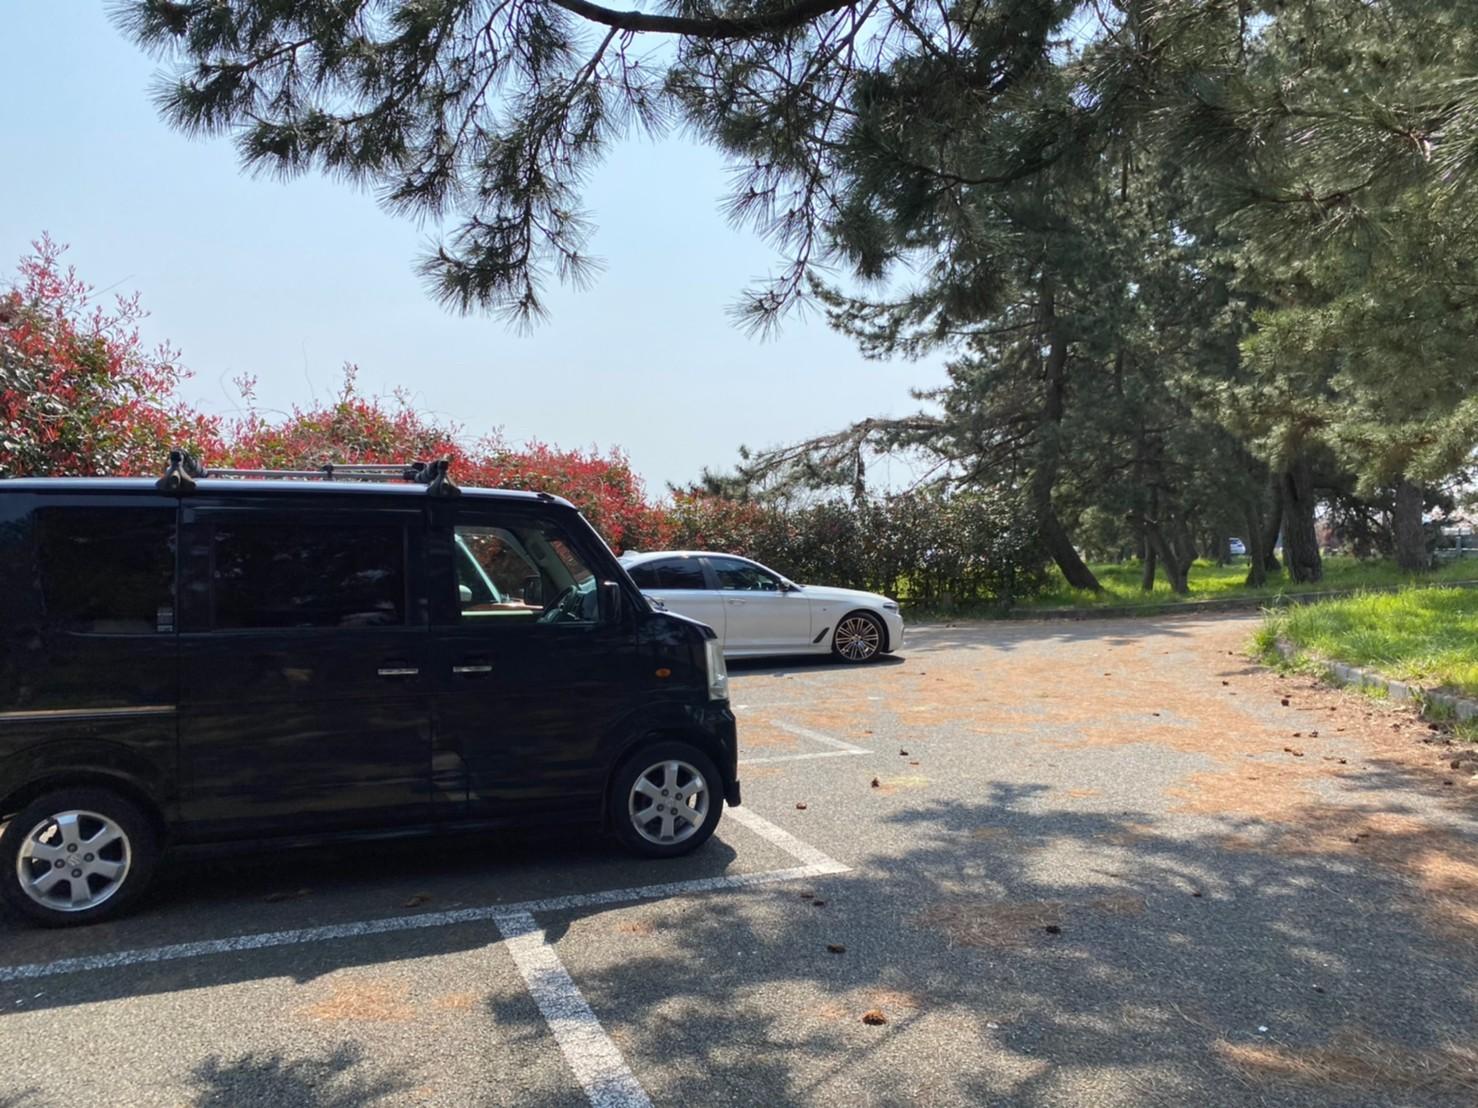 【高島市】『桂浜園地:かつらはまえんち』のアウトドア情報